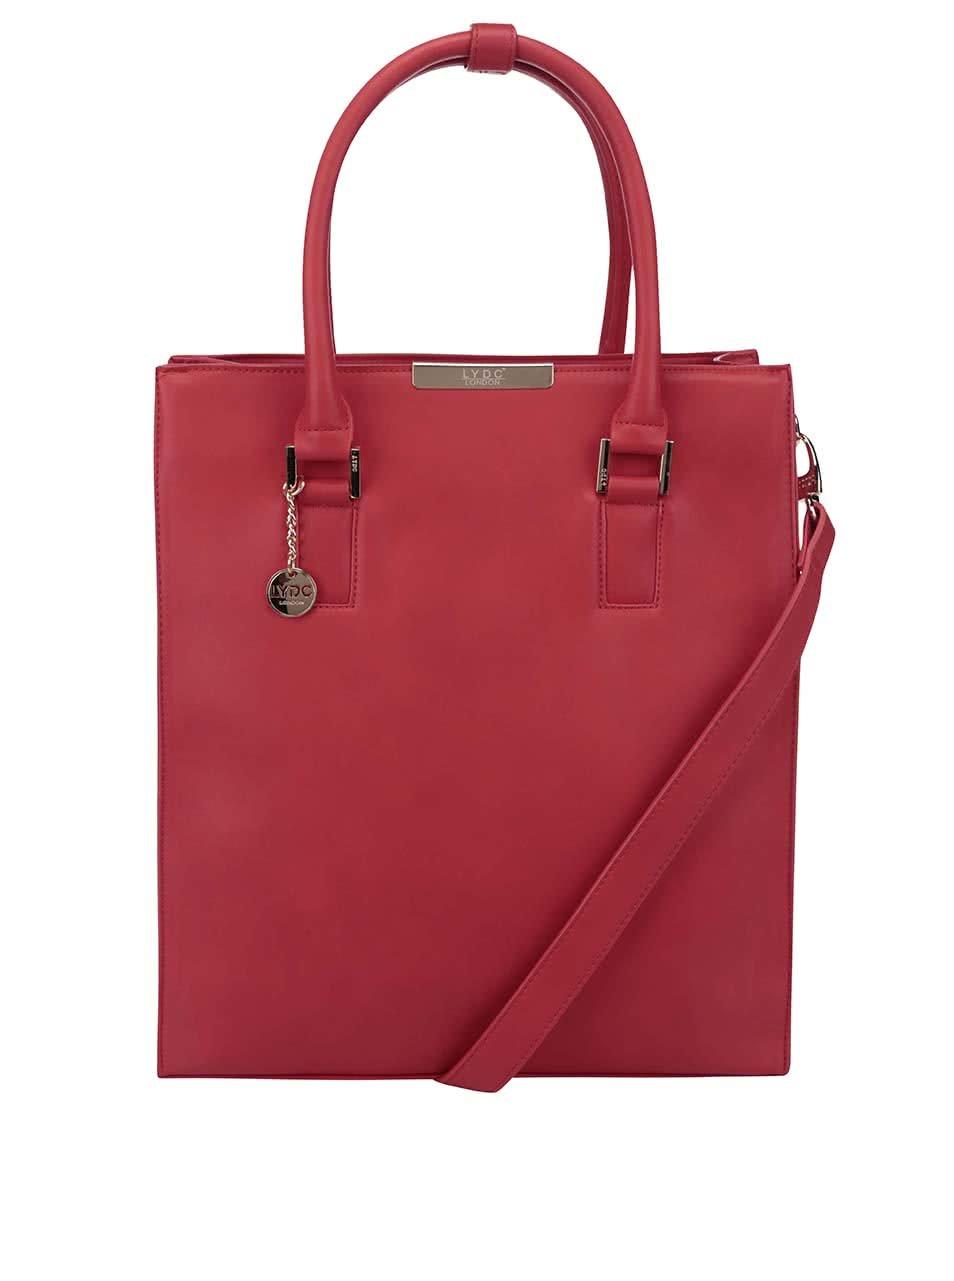 Červená obdelníková kabelka do ruky LYDC